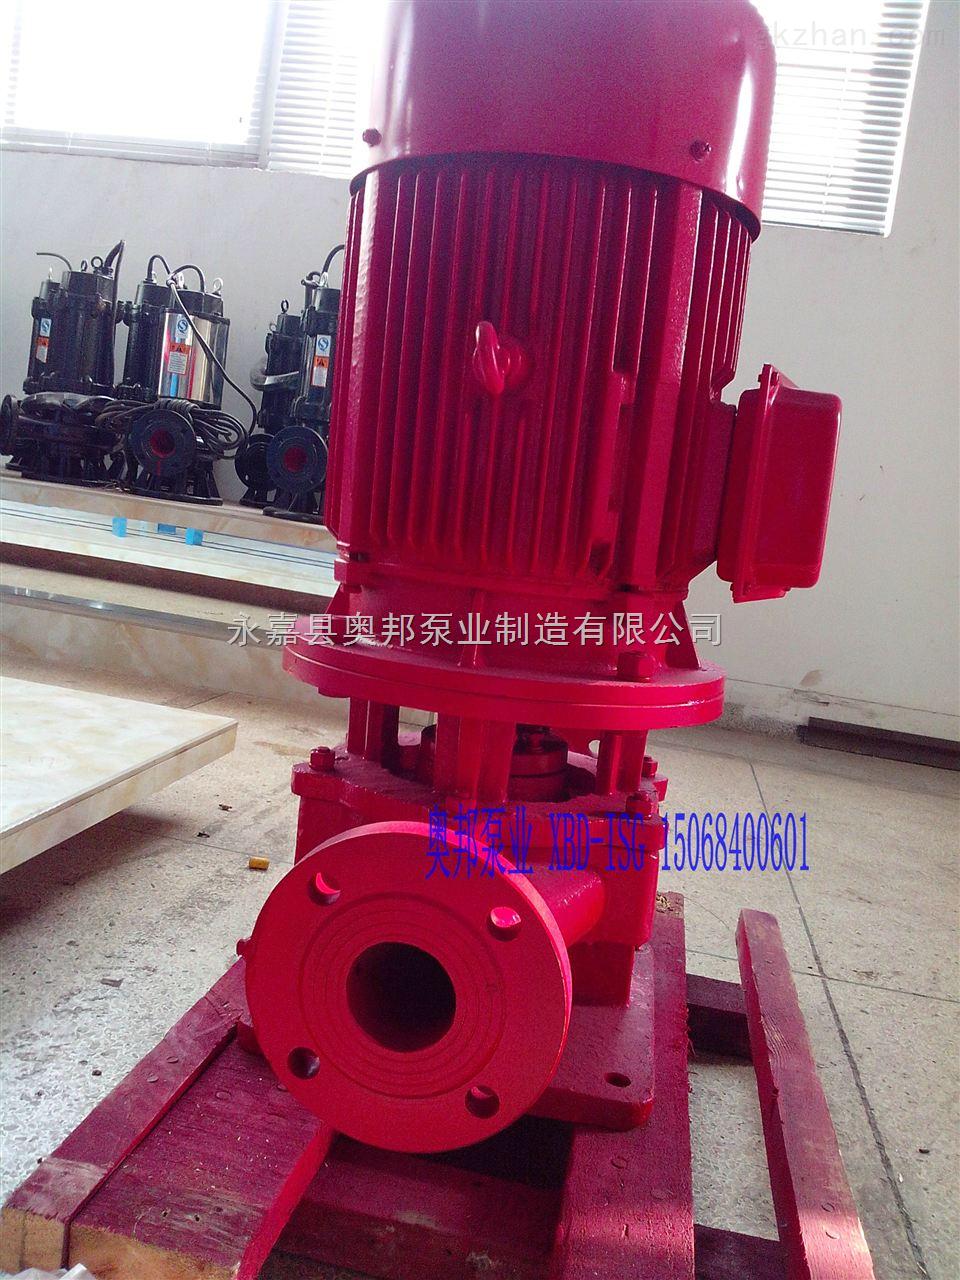 xbd-isg 消防泵,自动喷淋加压泵,手抬机动消防泵